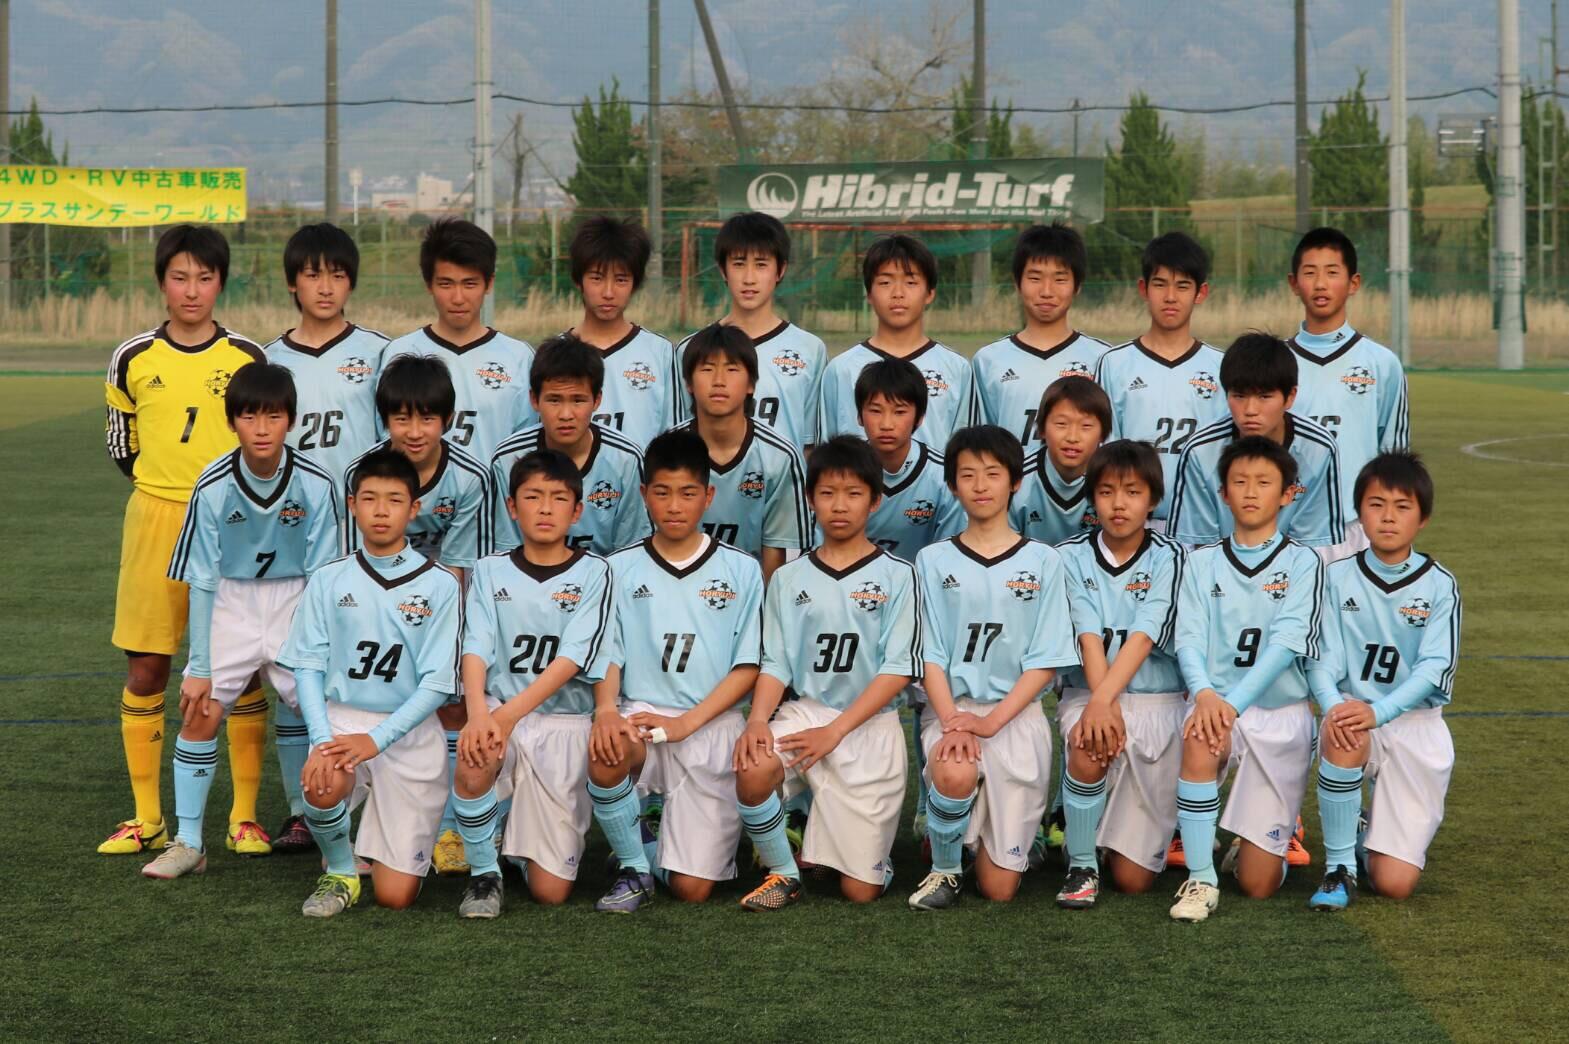 日本クラブユースサッカー(U-15)選手権大会 奈良県大会 【2次L】